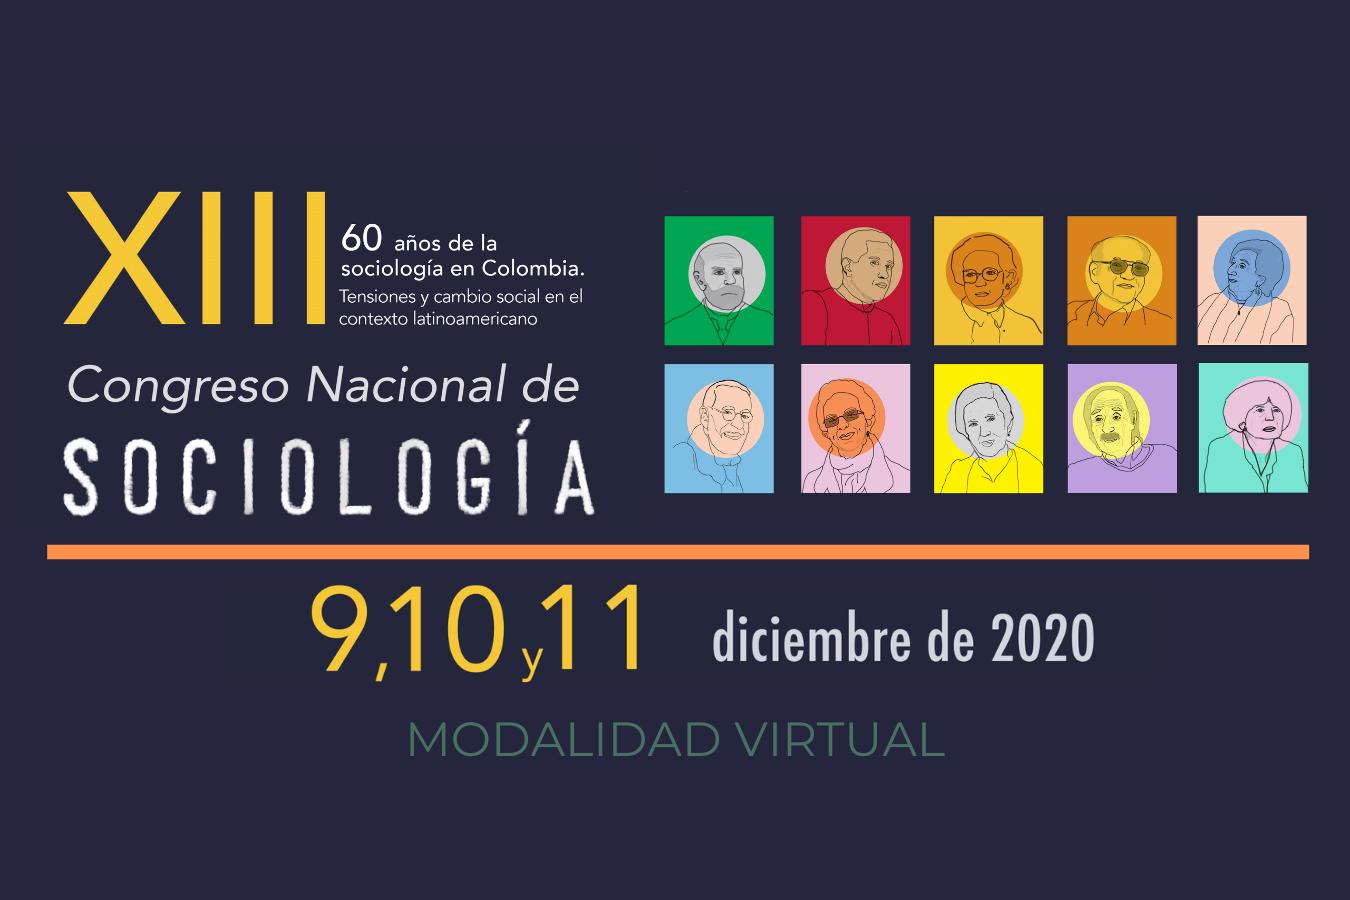 XIII Congreso Nacional de Sociología